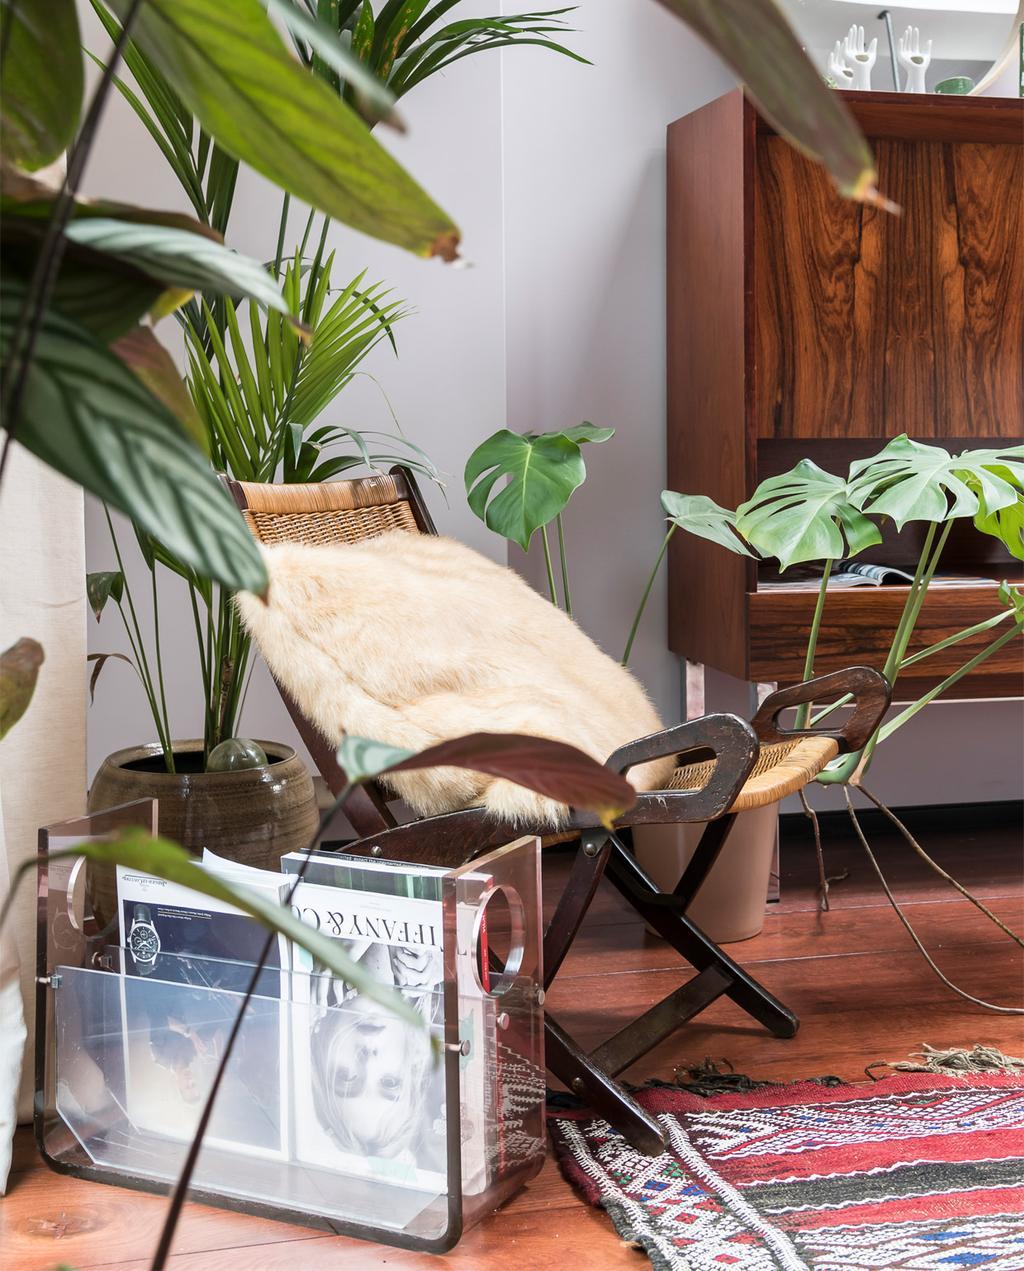 vtwonen 10-2020 | Appartement vol vintage design in Antwerpen vintage kast, vlinderstoel, grote planten en perzisch tapijt